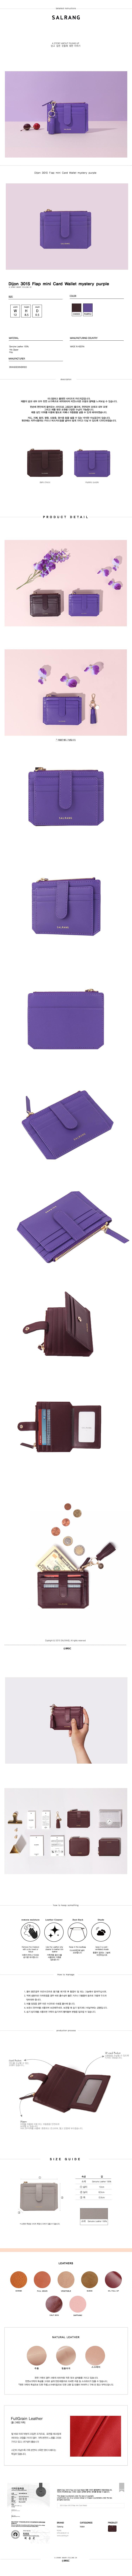 Dijon 301S Flap mini Card Wallet mystery purple - 살랑, 45,000원, 여성지갑, 반지갑